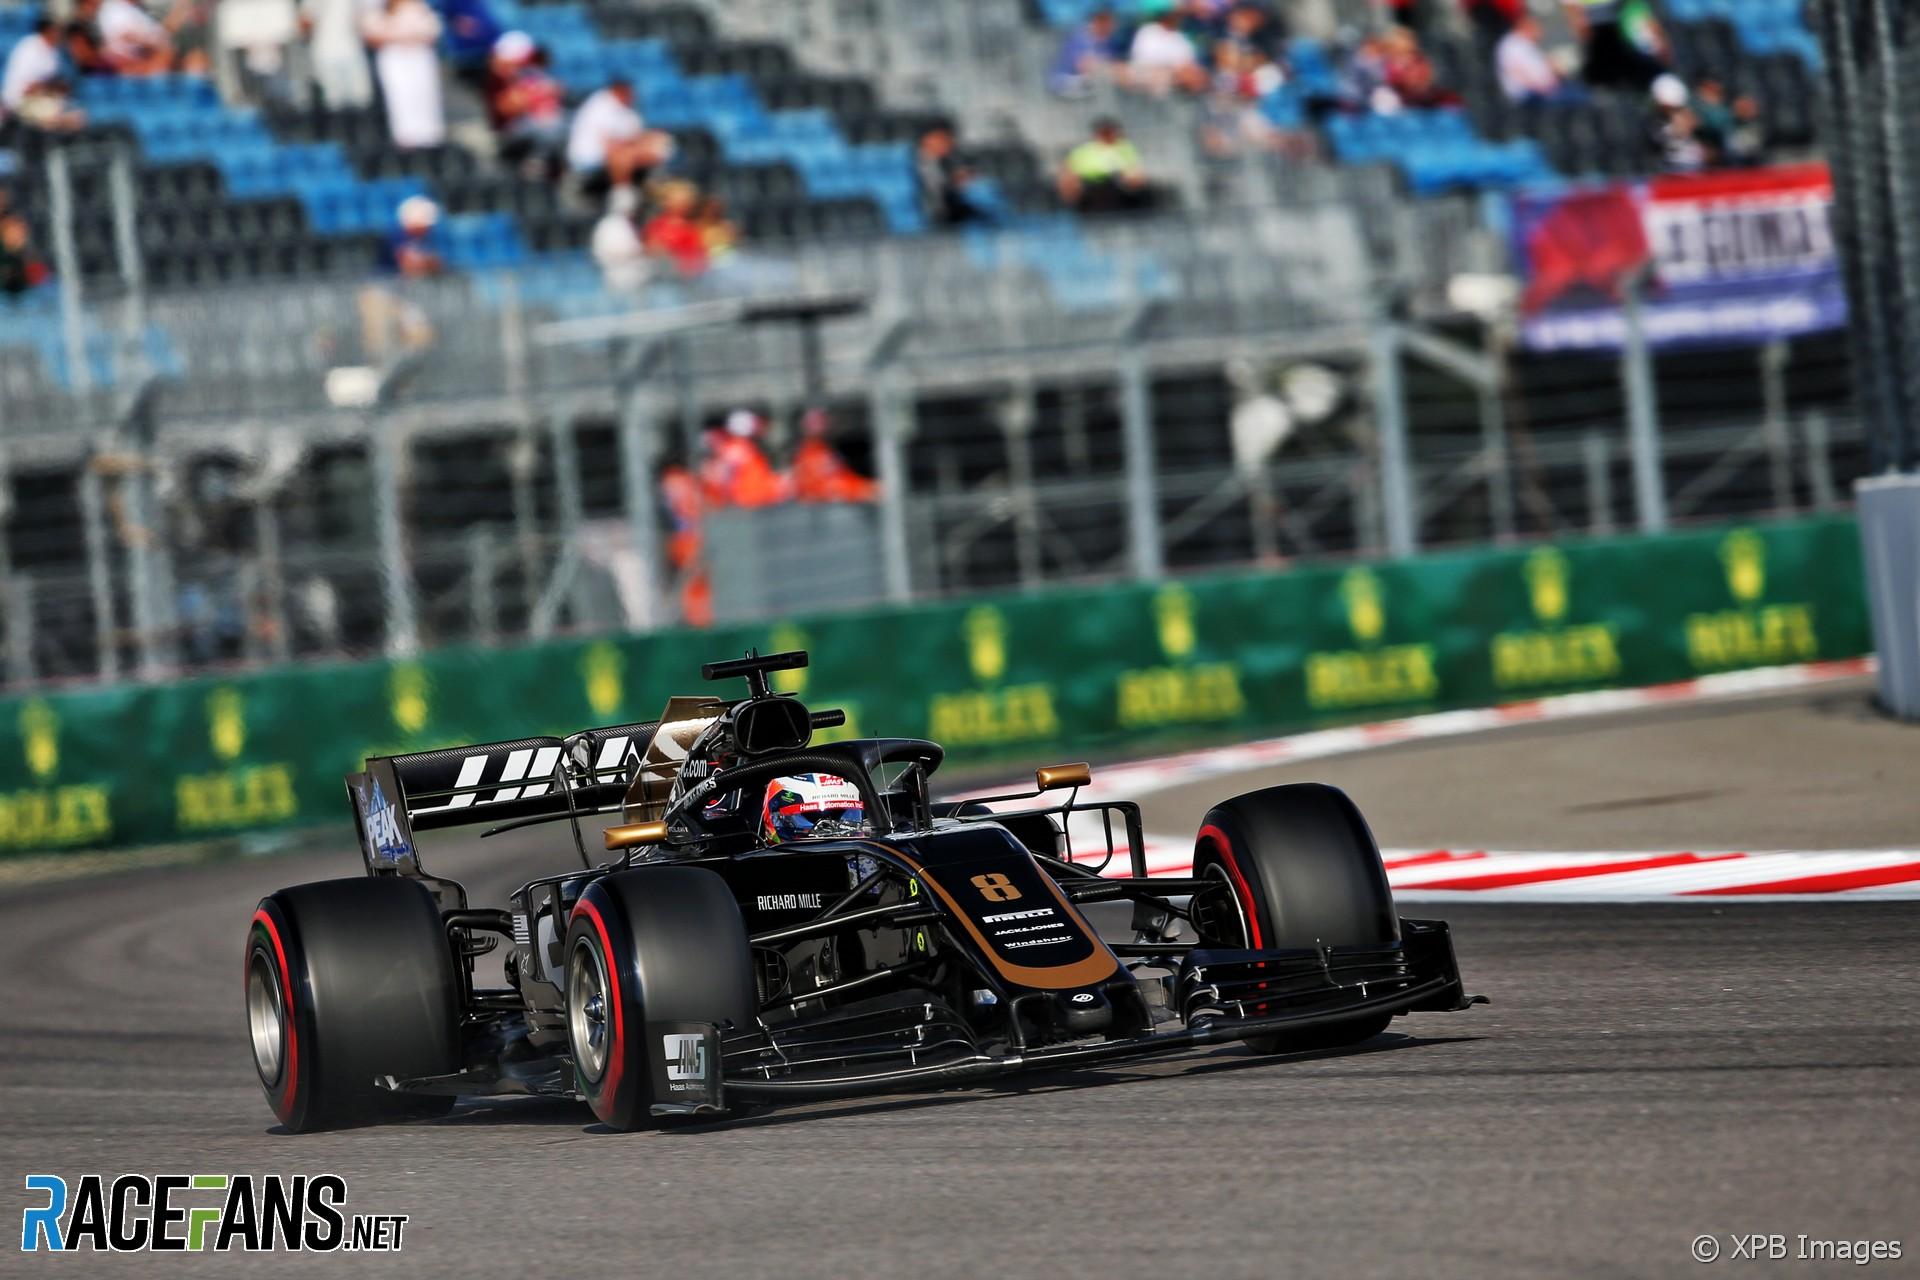 Romain Grosjean, Haas, Sochi Autodrom, 2019